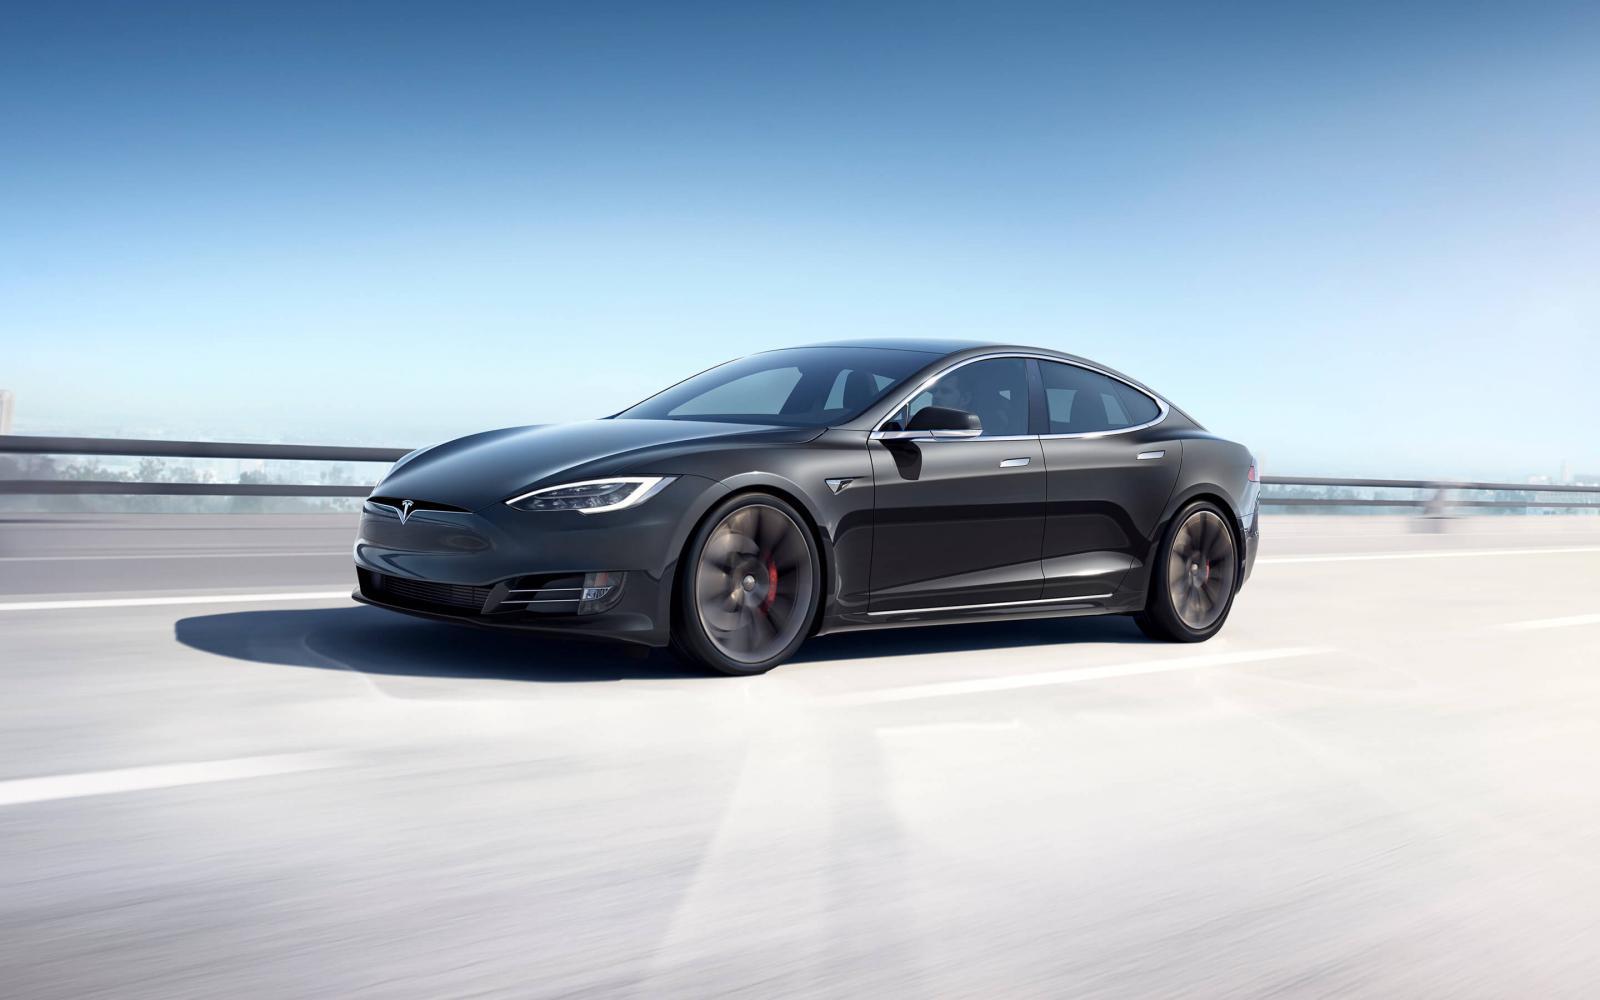 xe điện gia đình Tesla Model S